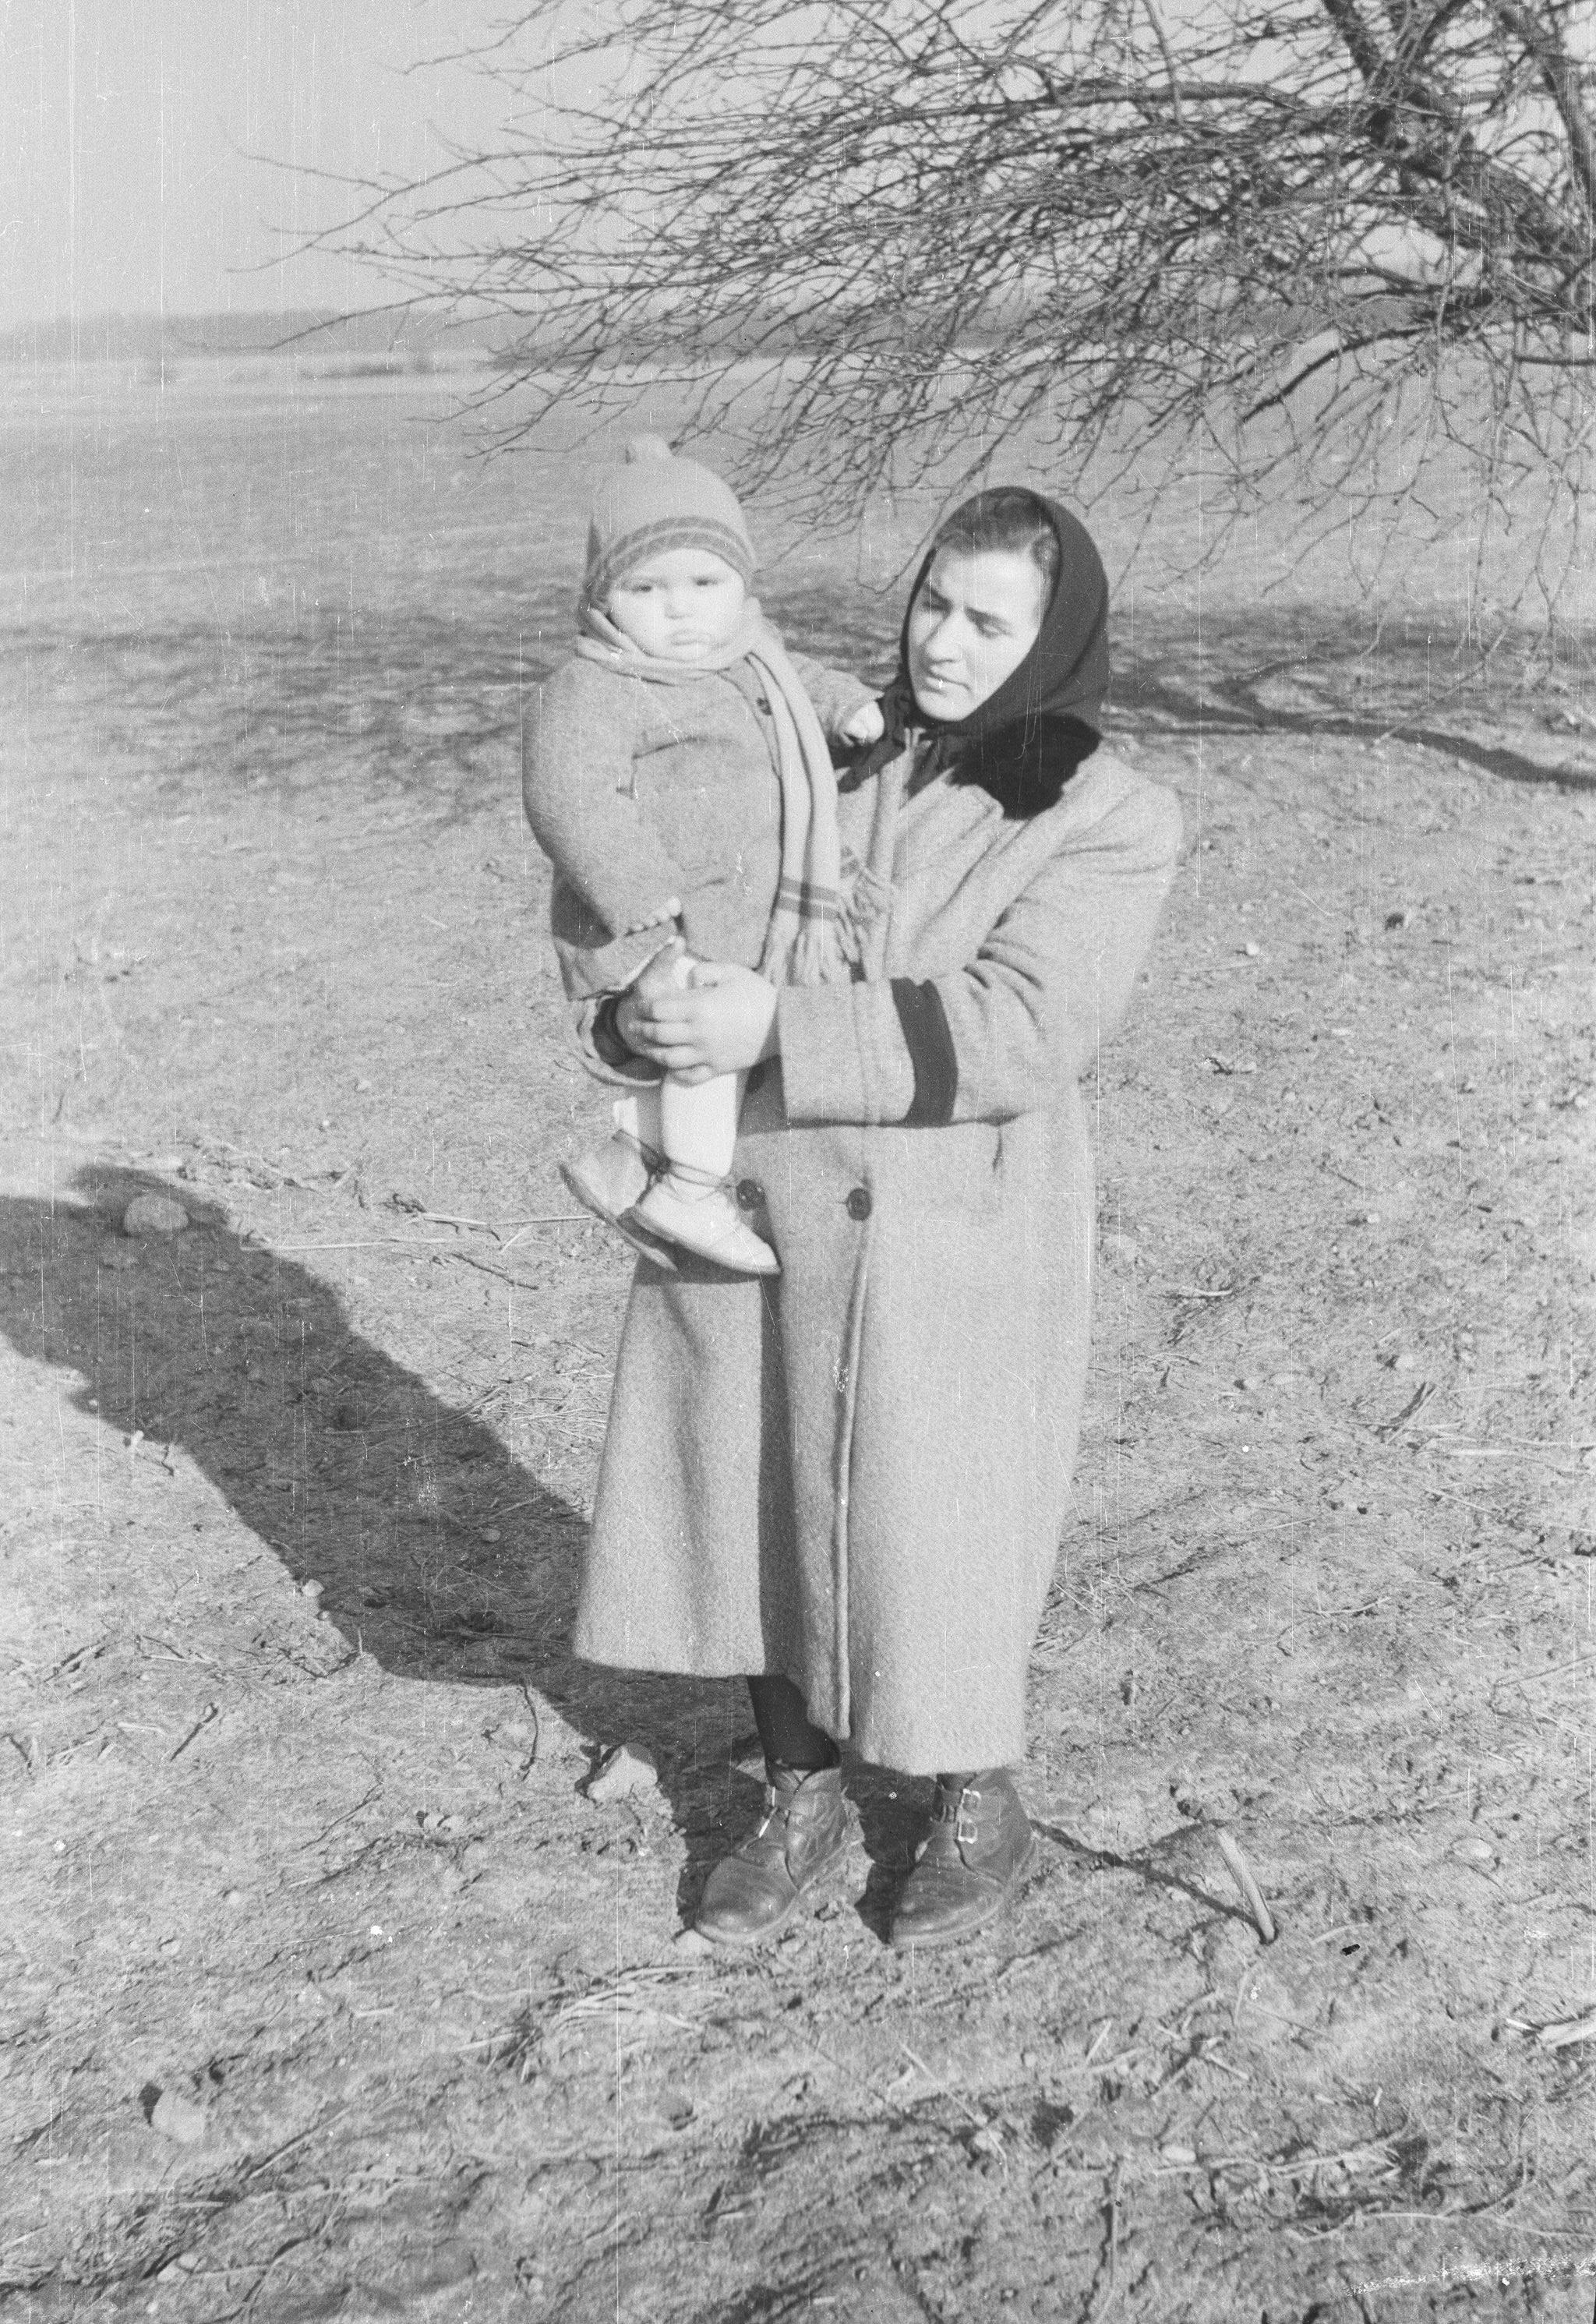 Nastka Szumlańska z synkiem Eugeniuszem, Brzózka, Dolny Śląsk, lata 50. XX w.